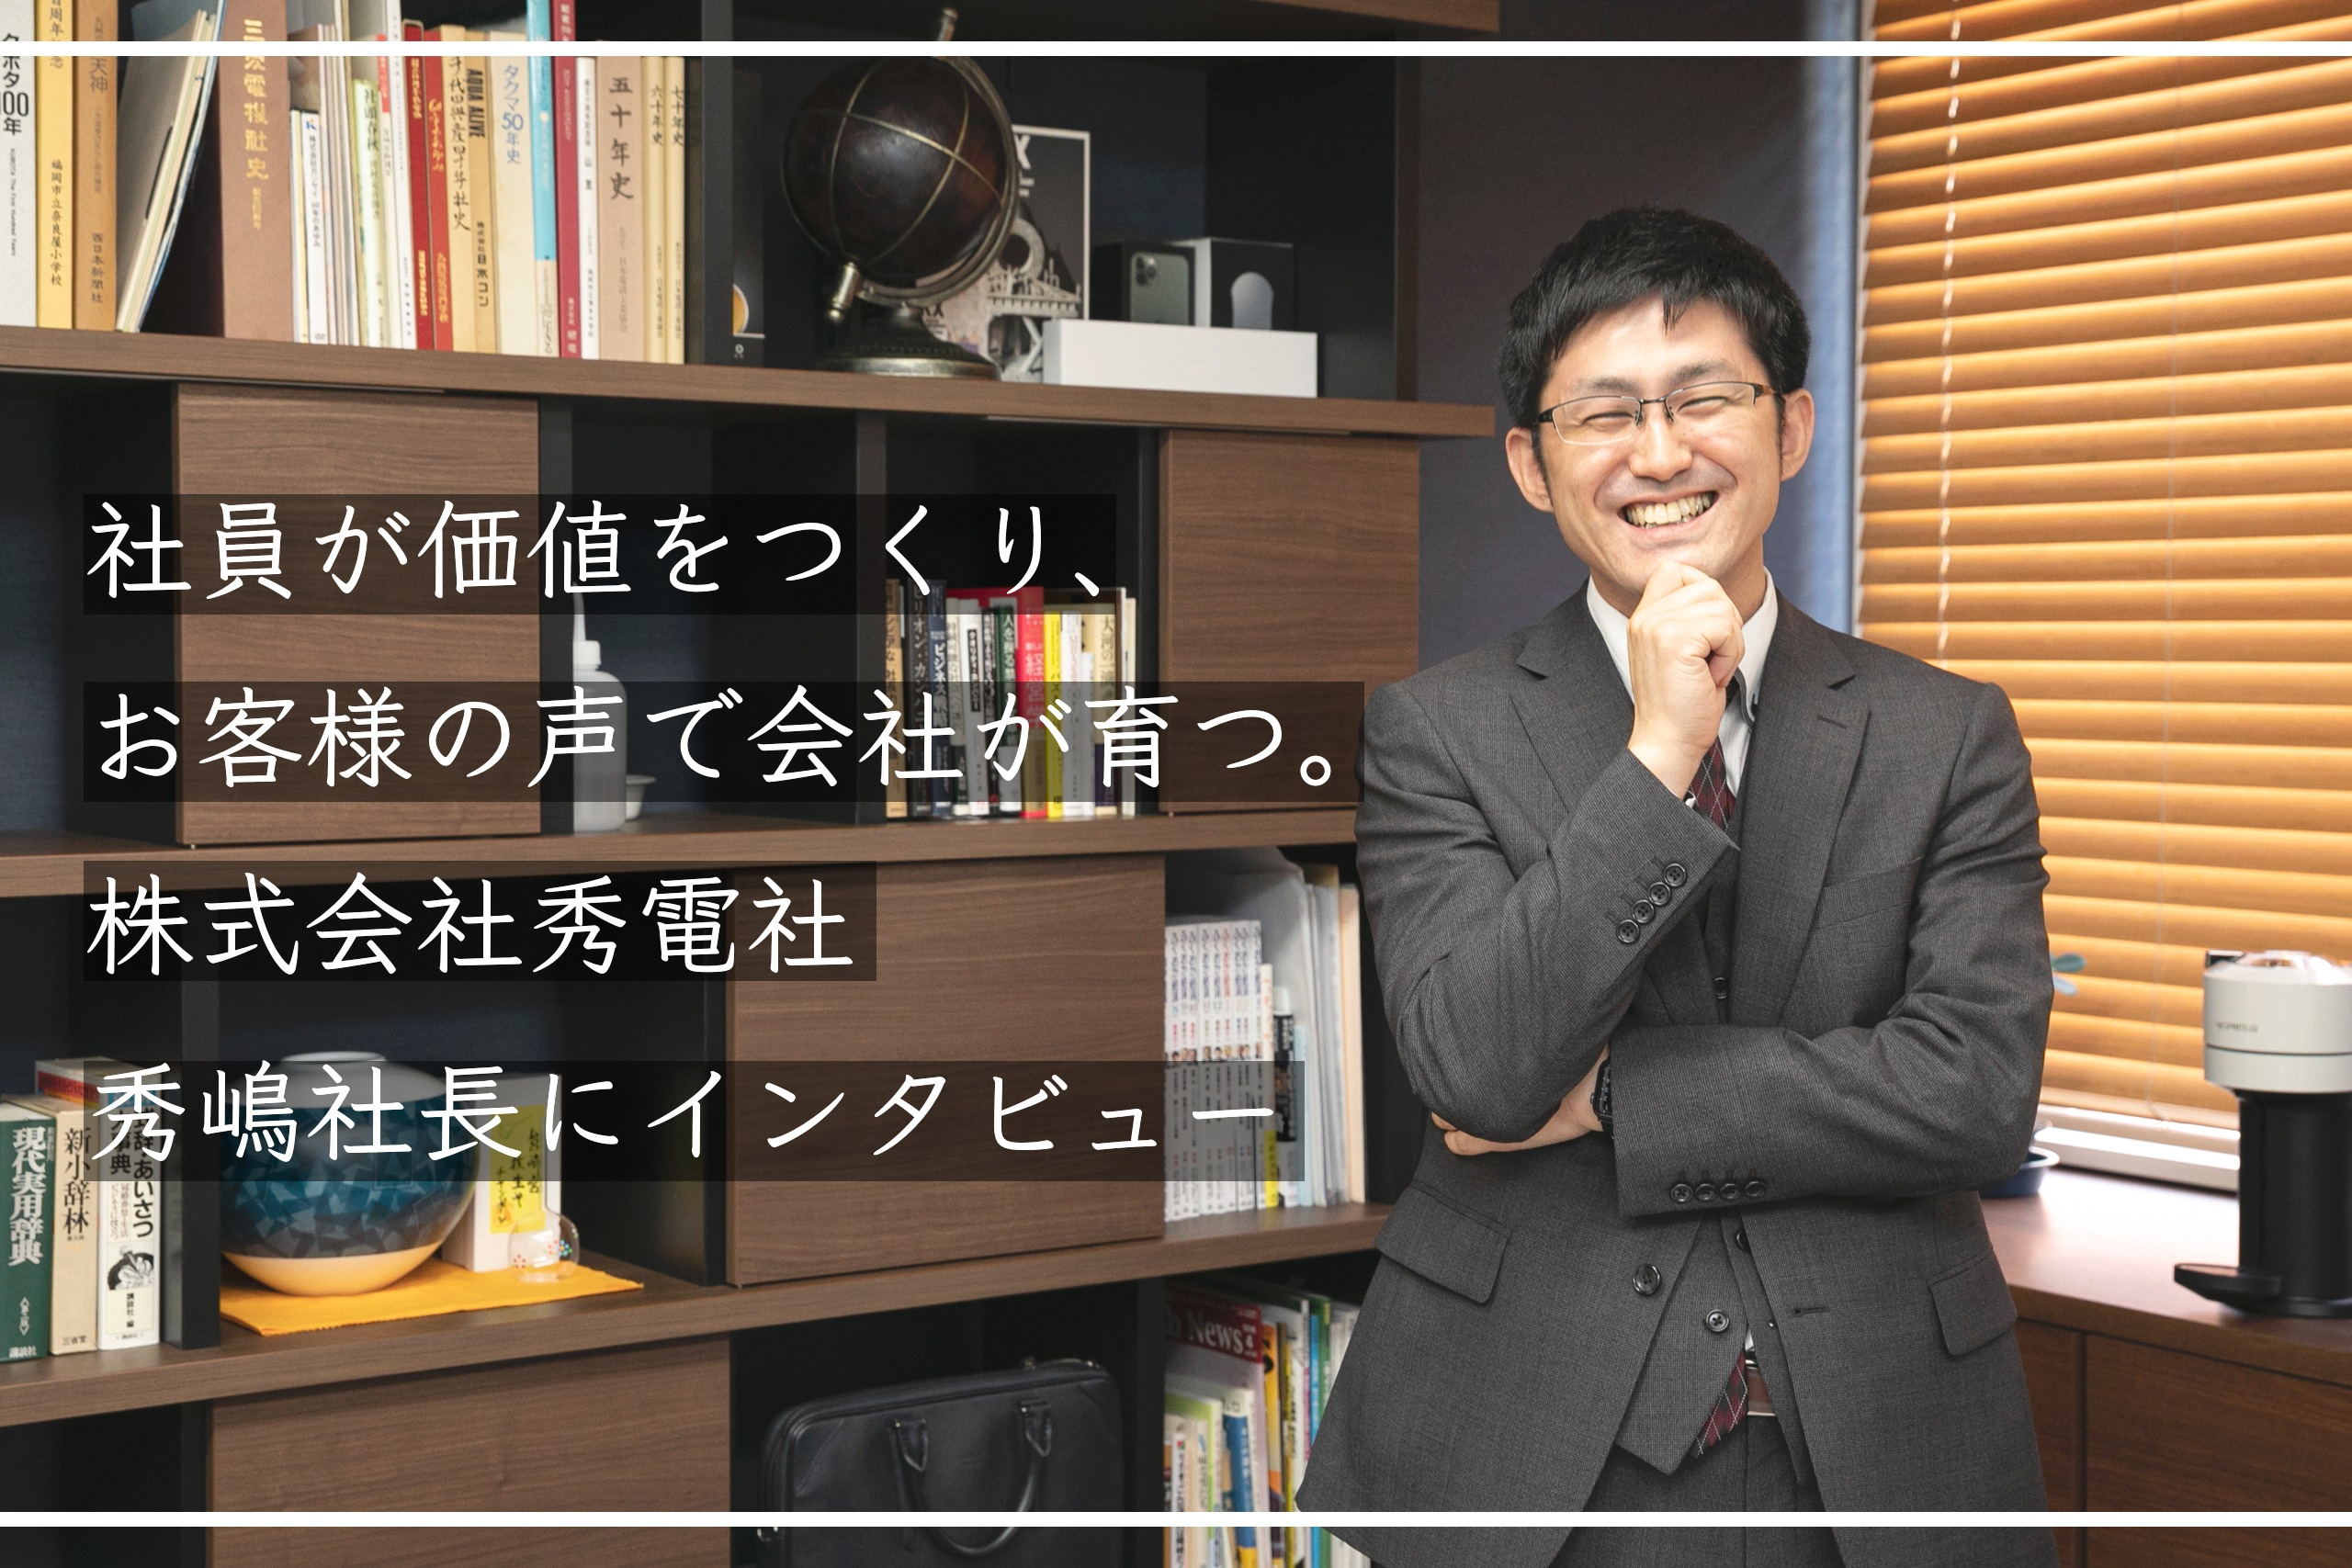 株式会社秀電社さん取材記事サムネイル